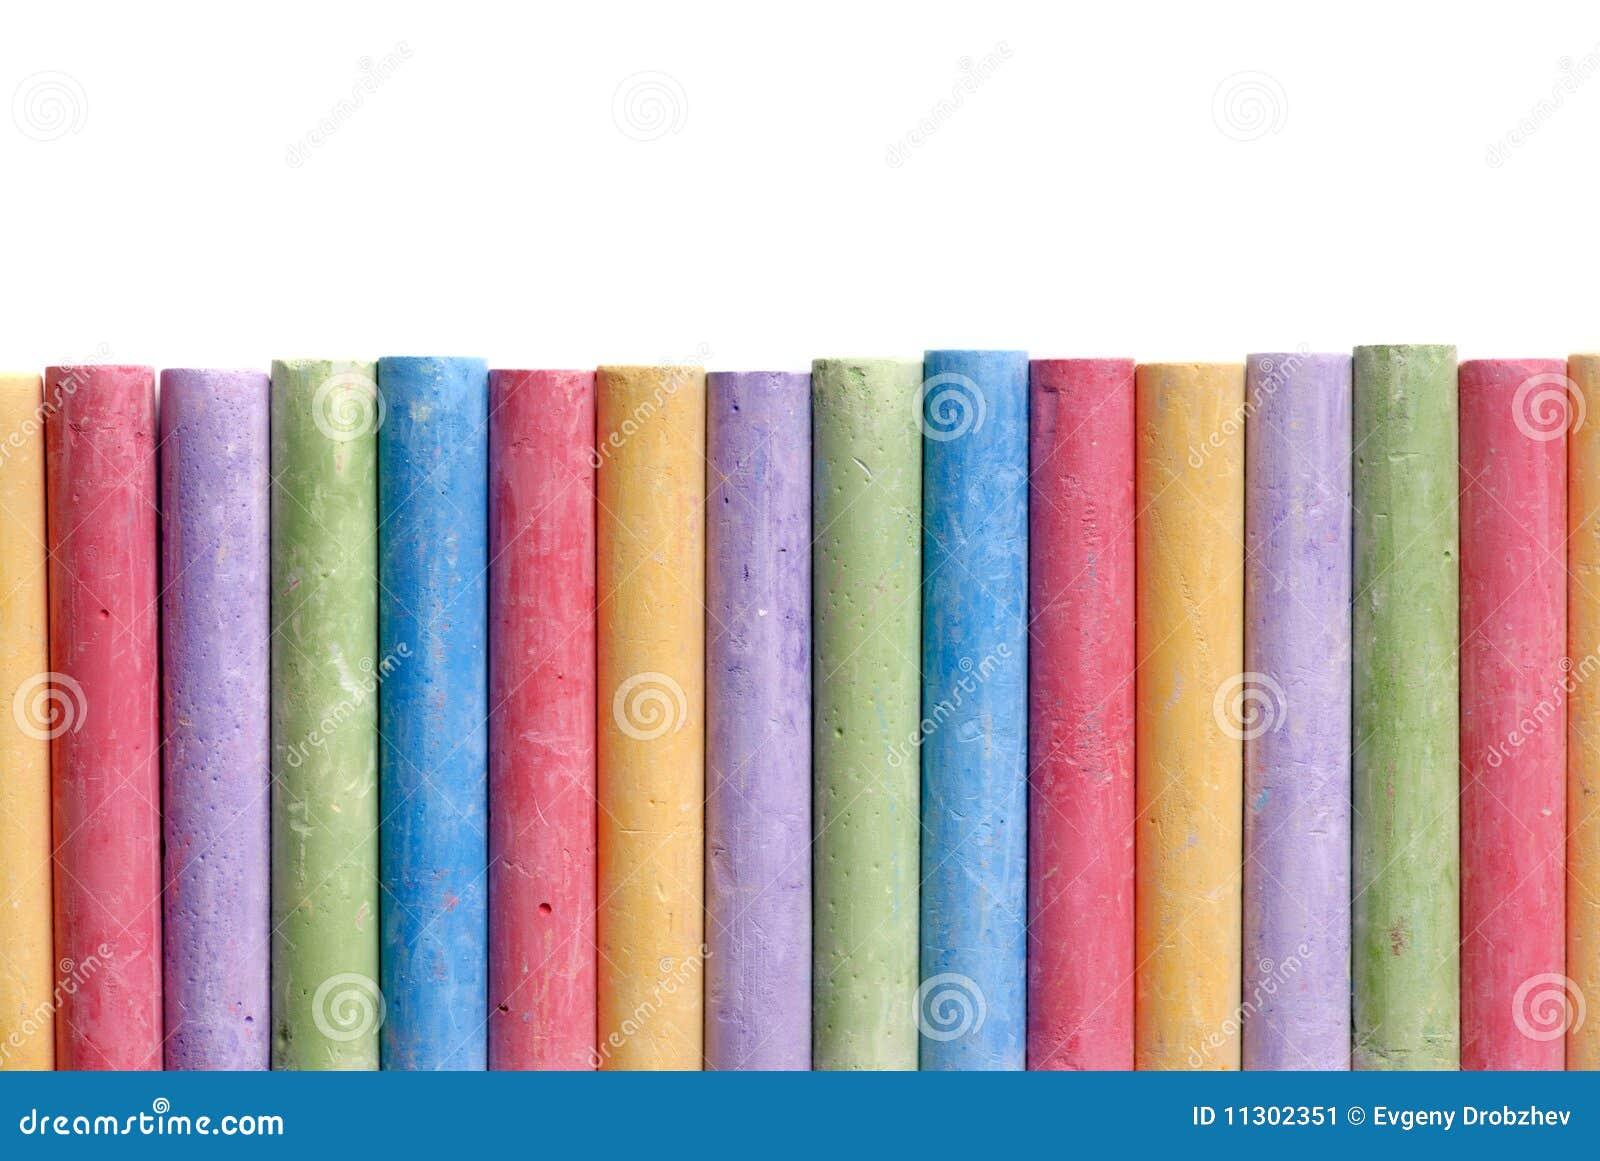 Farbenzeichenstifte angeordnet in der Zeile getrennt